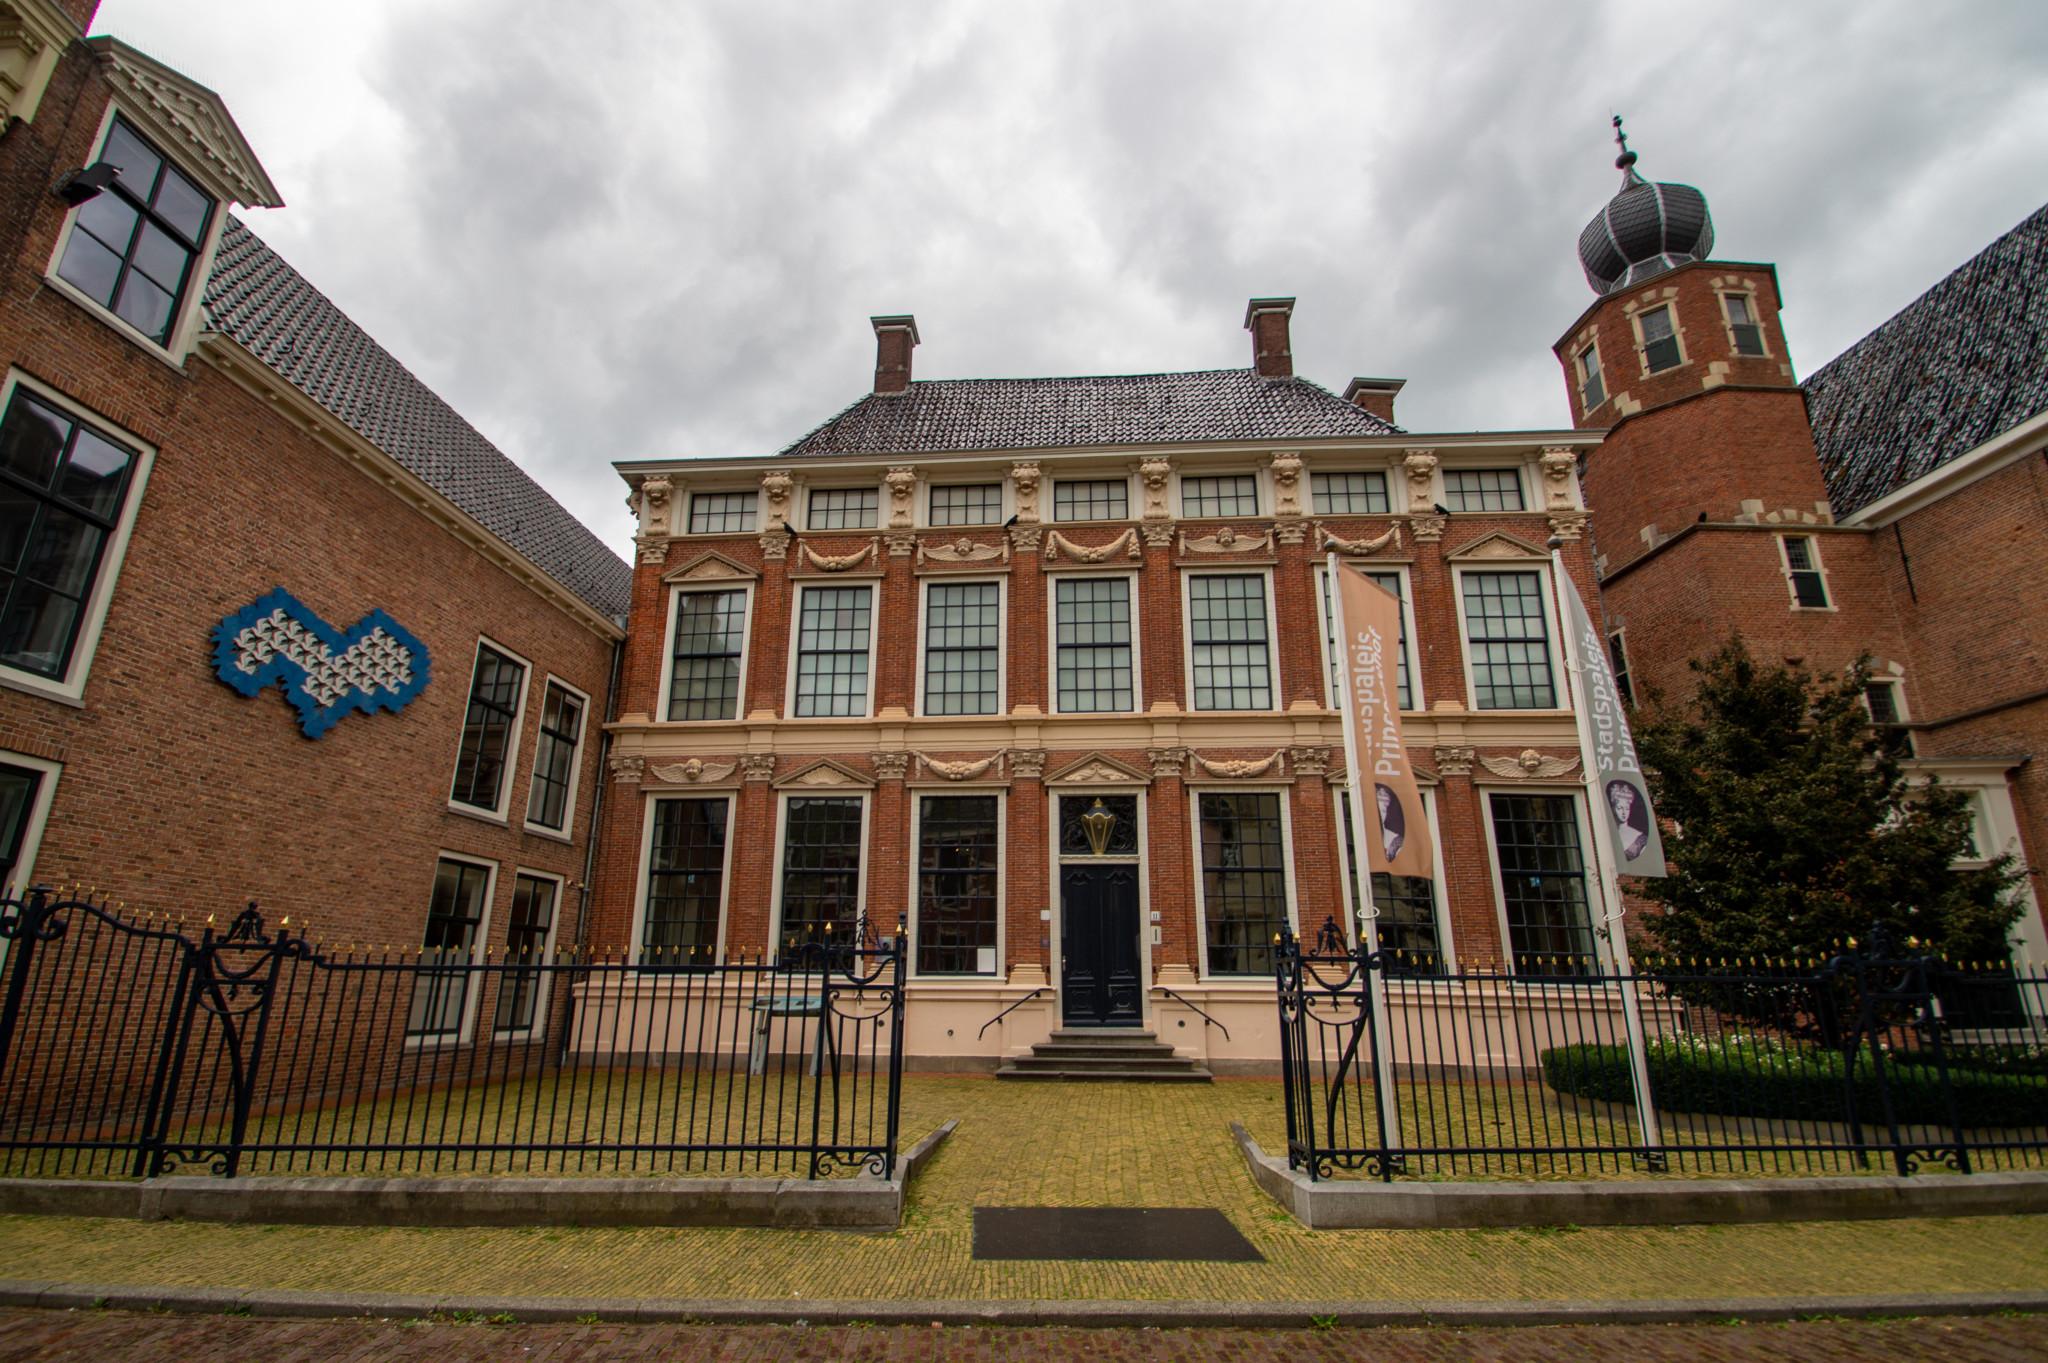 Das Keramykmuseum in Leeuwarden